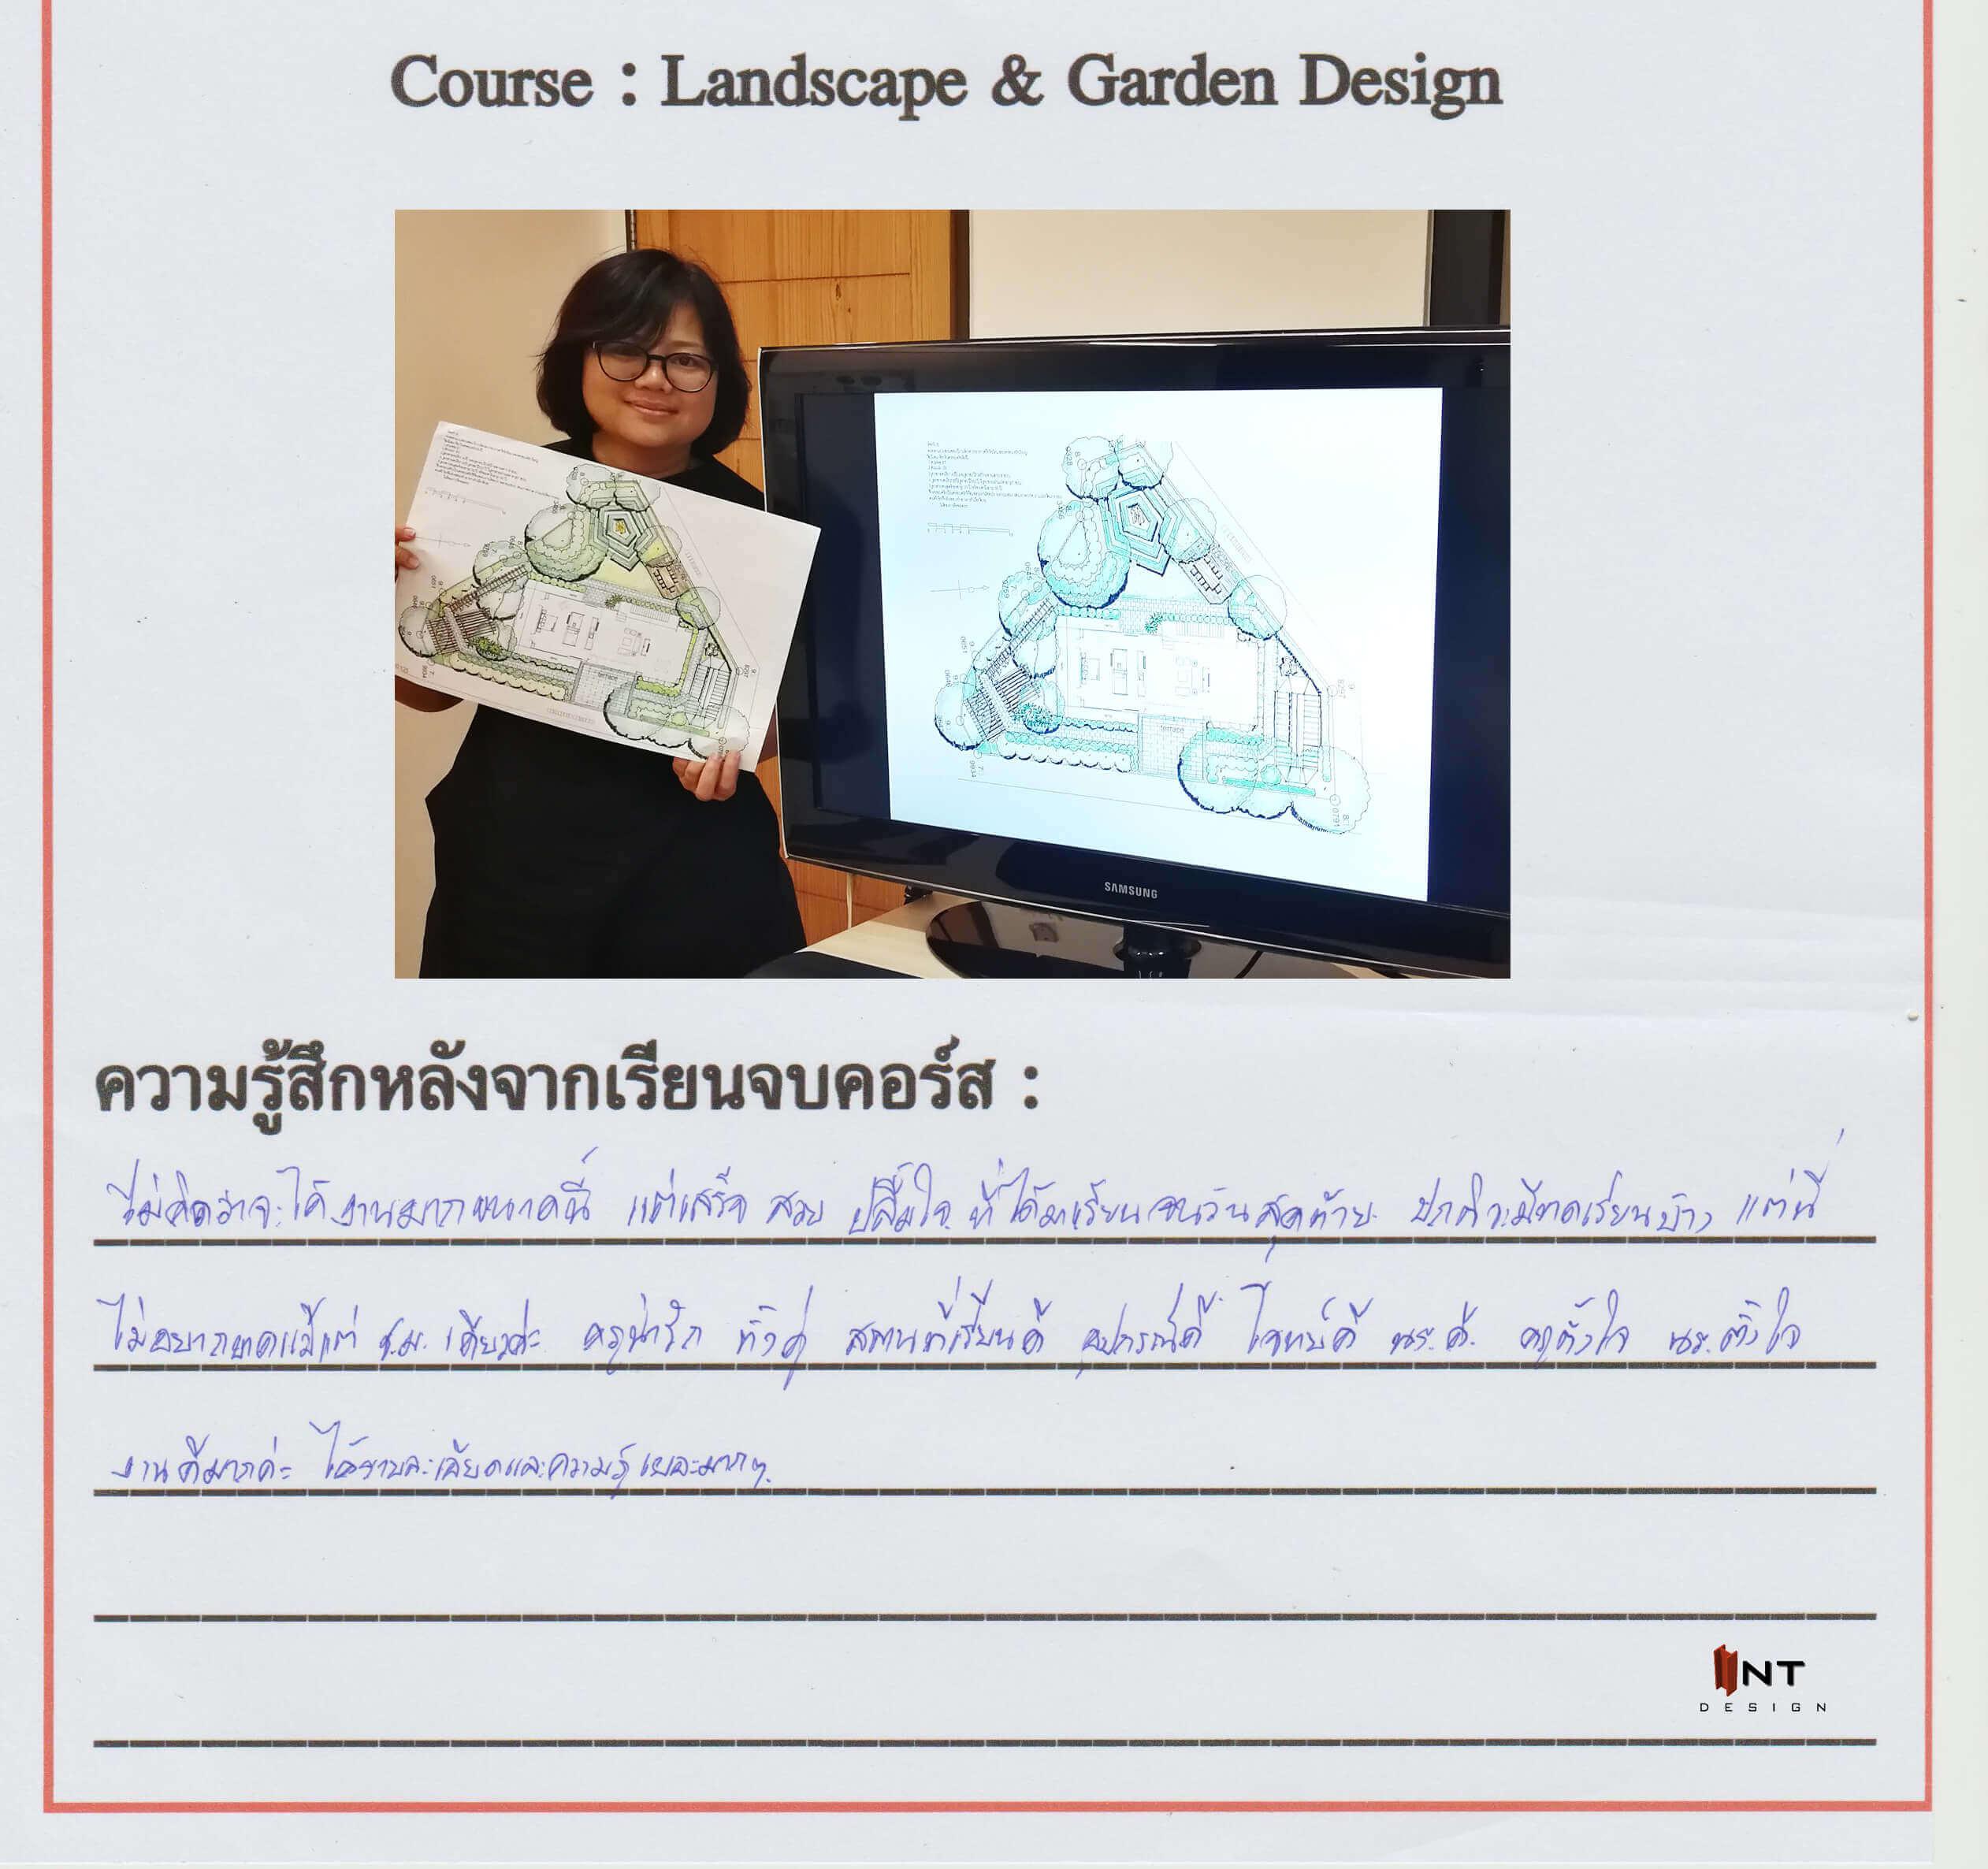 รูปคลาสเรียน landscape design-garden design-เรียนจัดสวน-เรียนออกแบบภูมิทัศน์-เรียนภูมิสถาปัตย์-เรียนออกแบบภายนอก